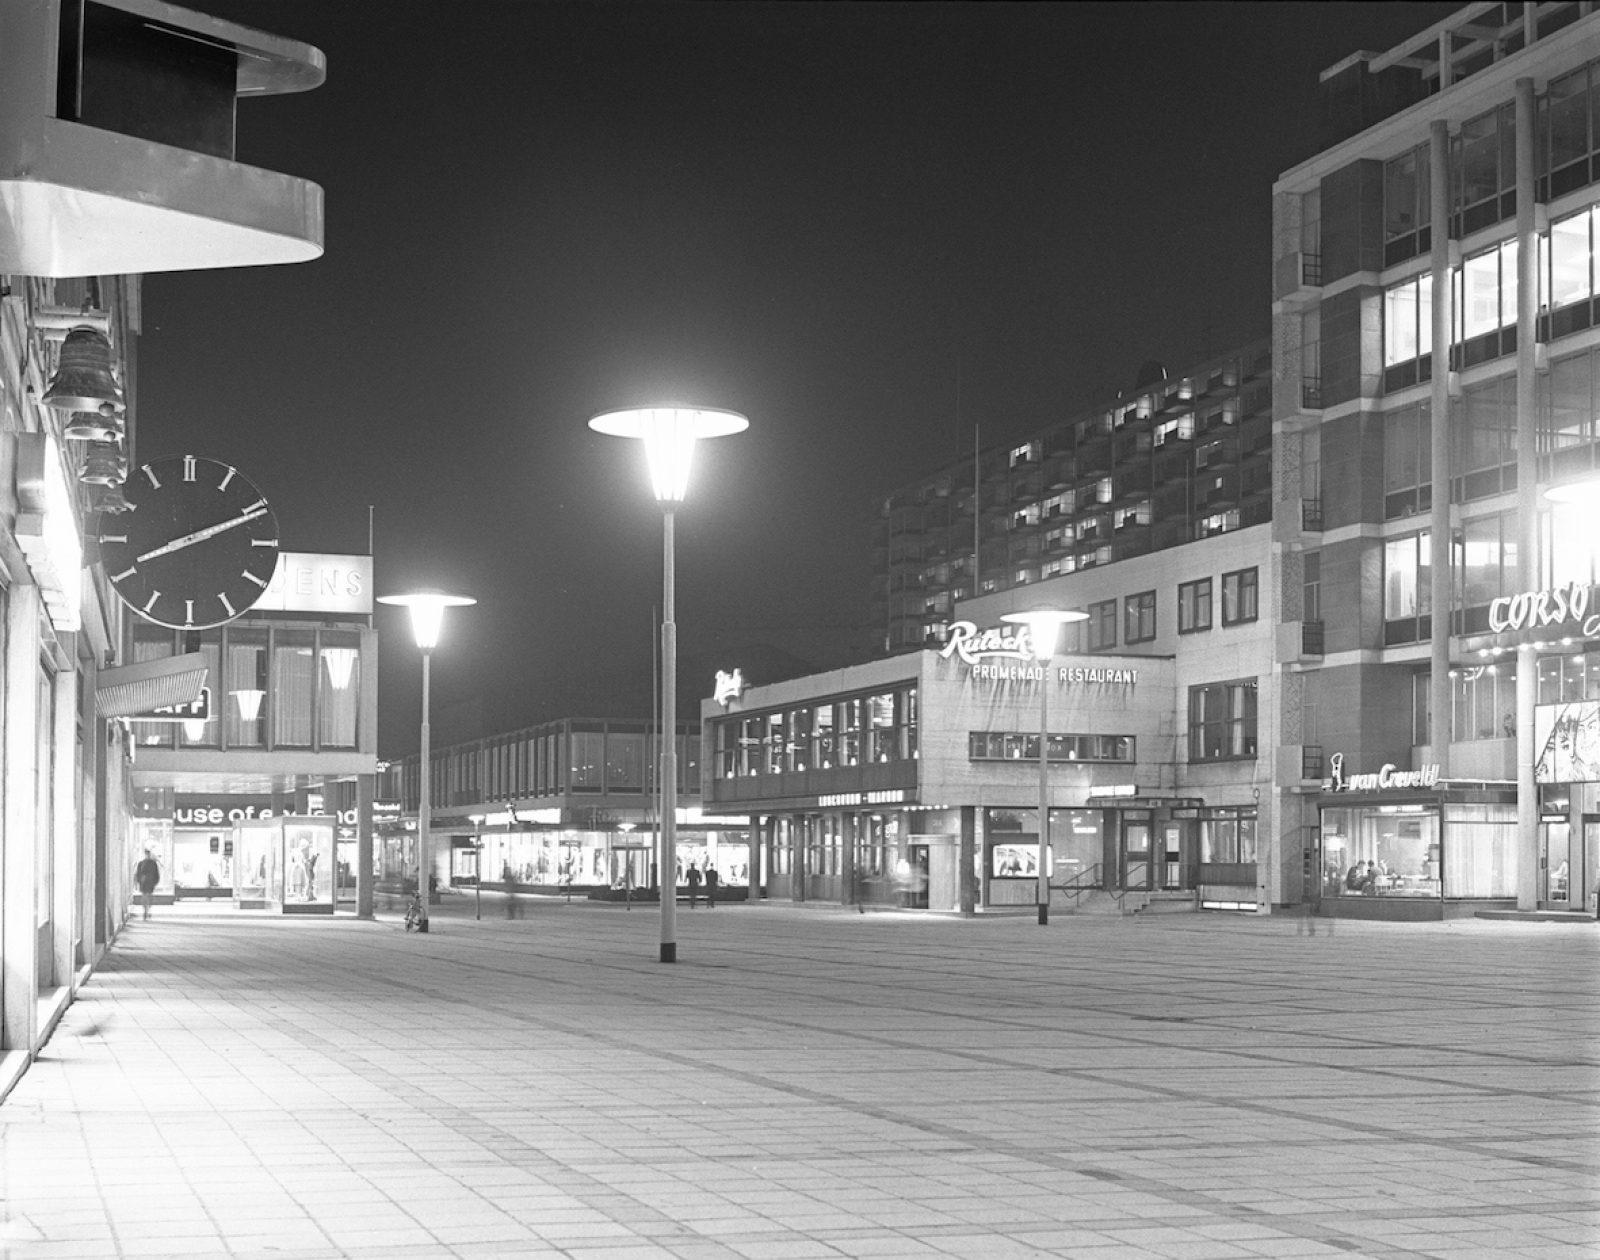 03 stadhuisplein 1964 NL Rt SA 4121 7634 1 ag